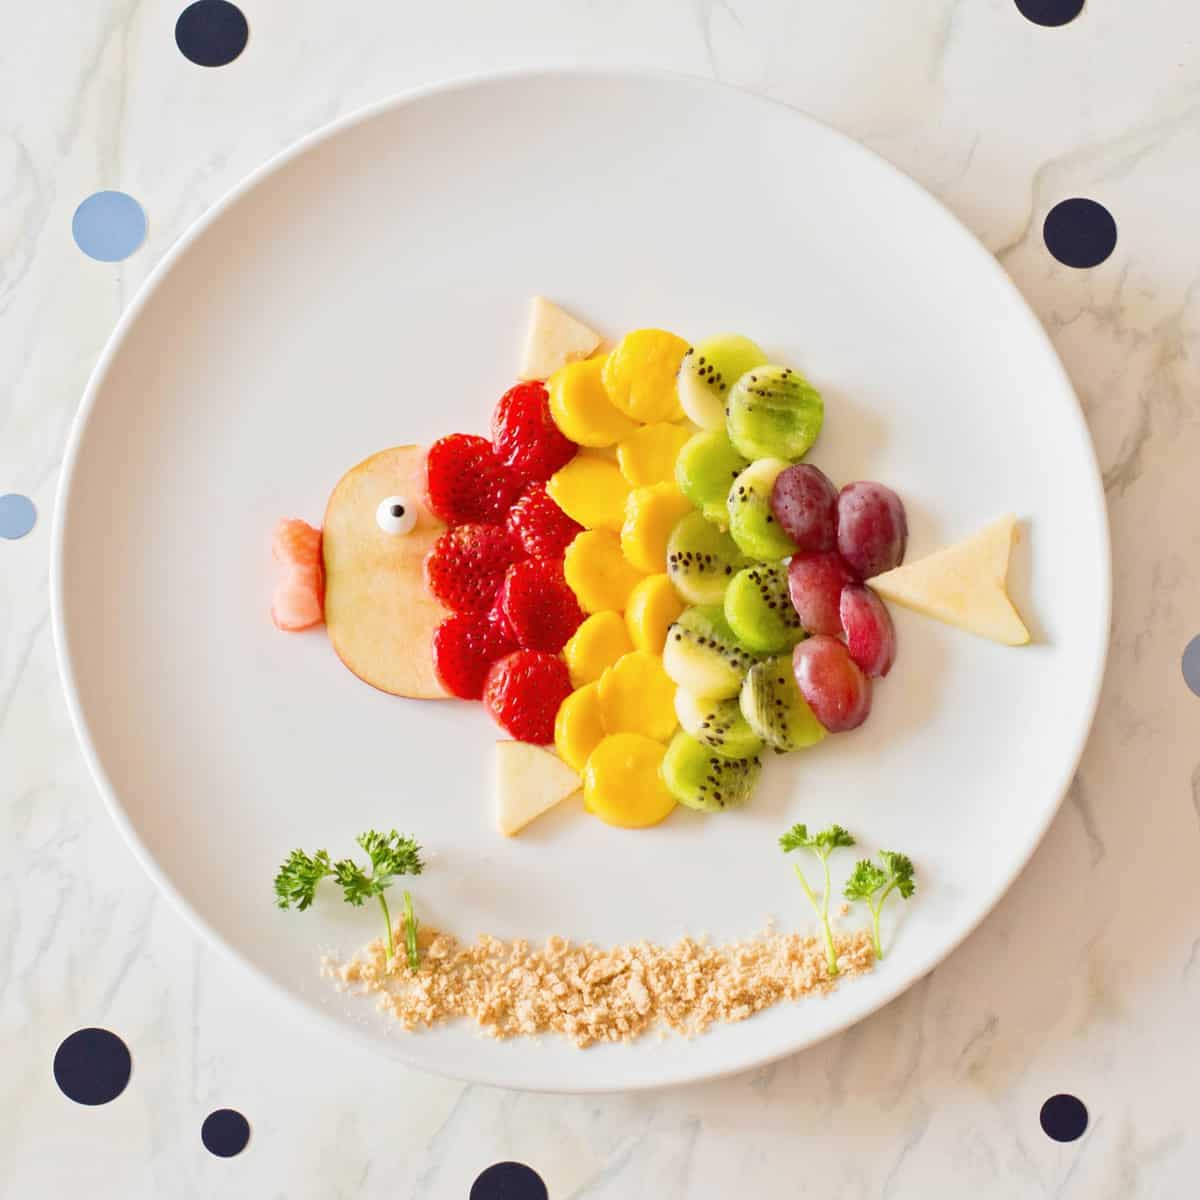 Rainbow Fruit Art For Kids | Simple Fish Food Art